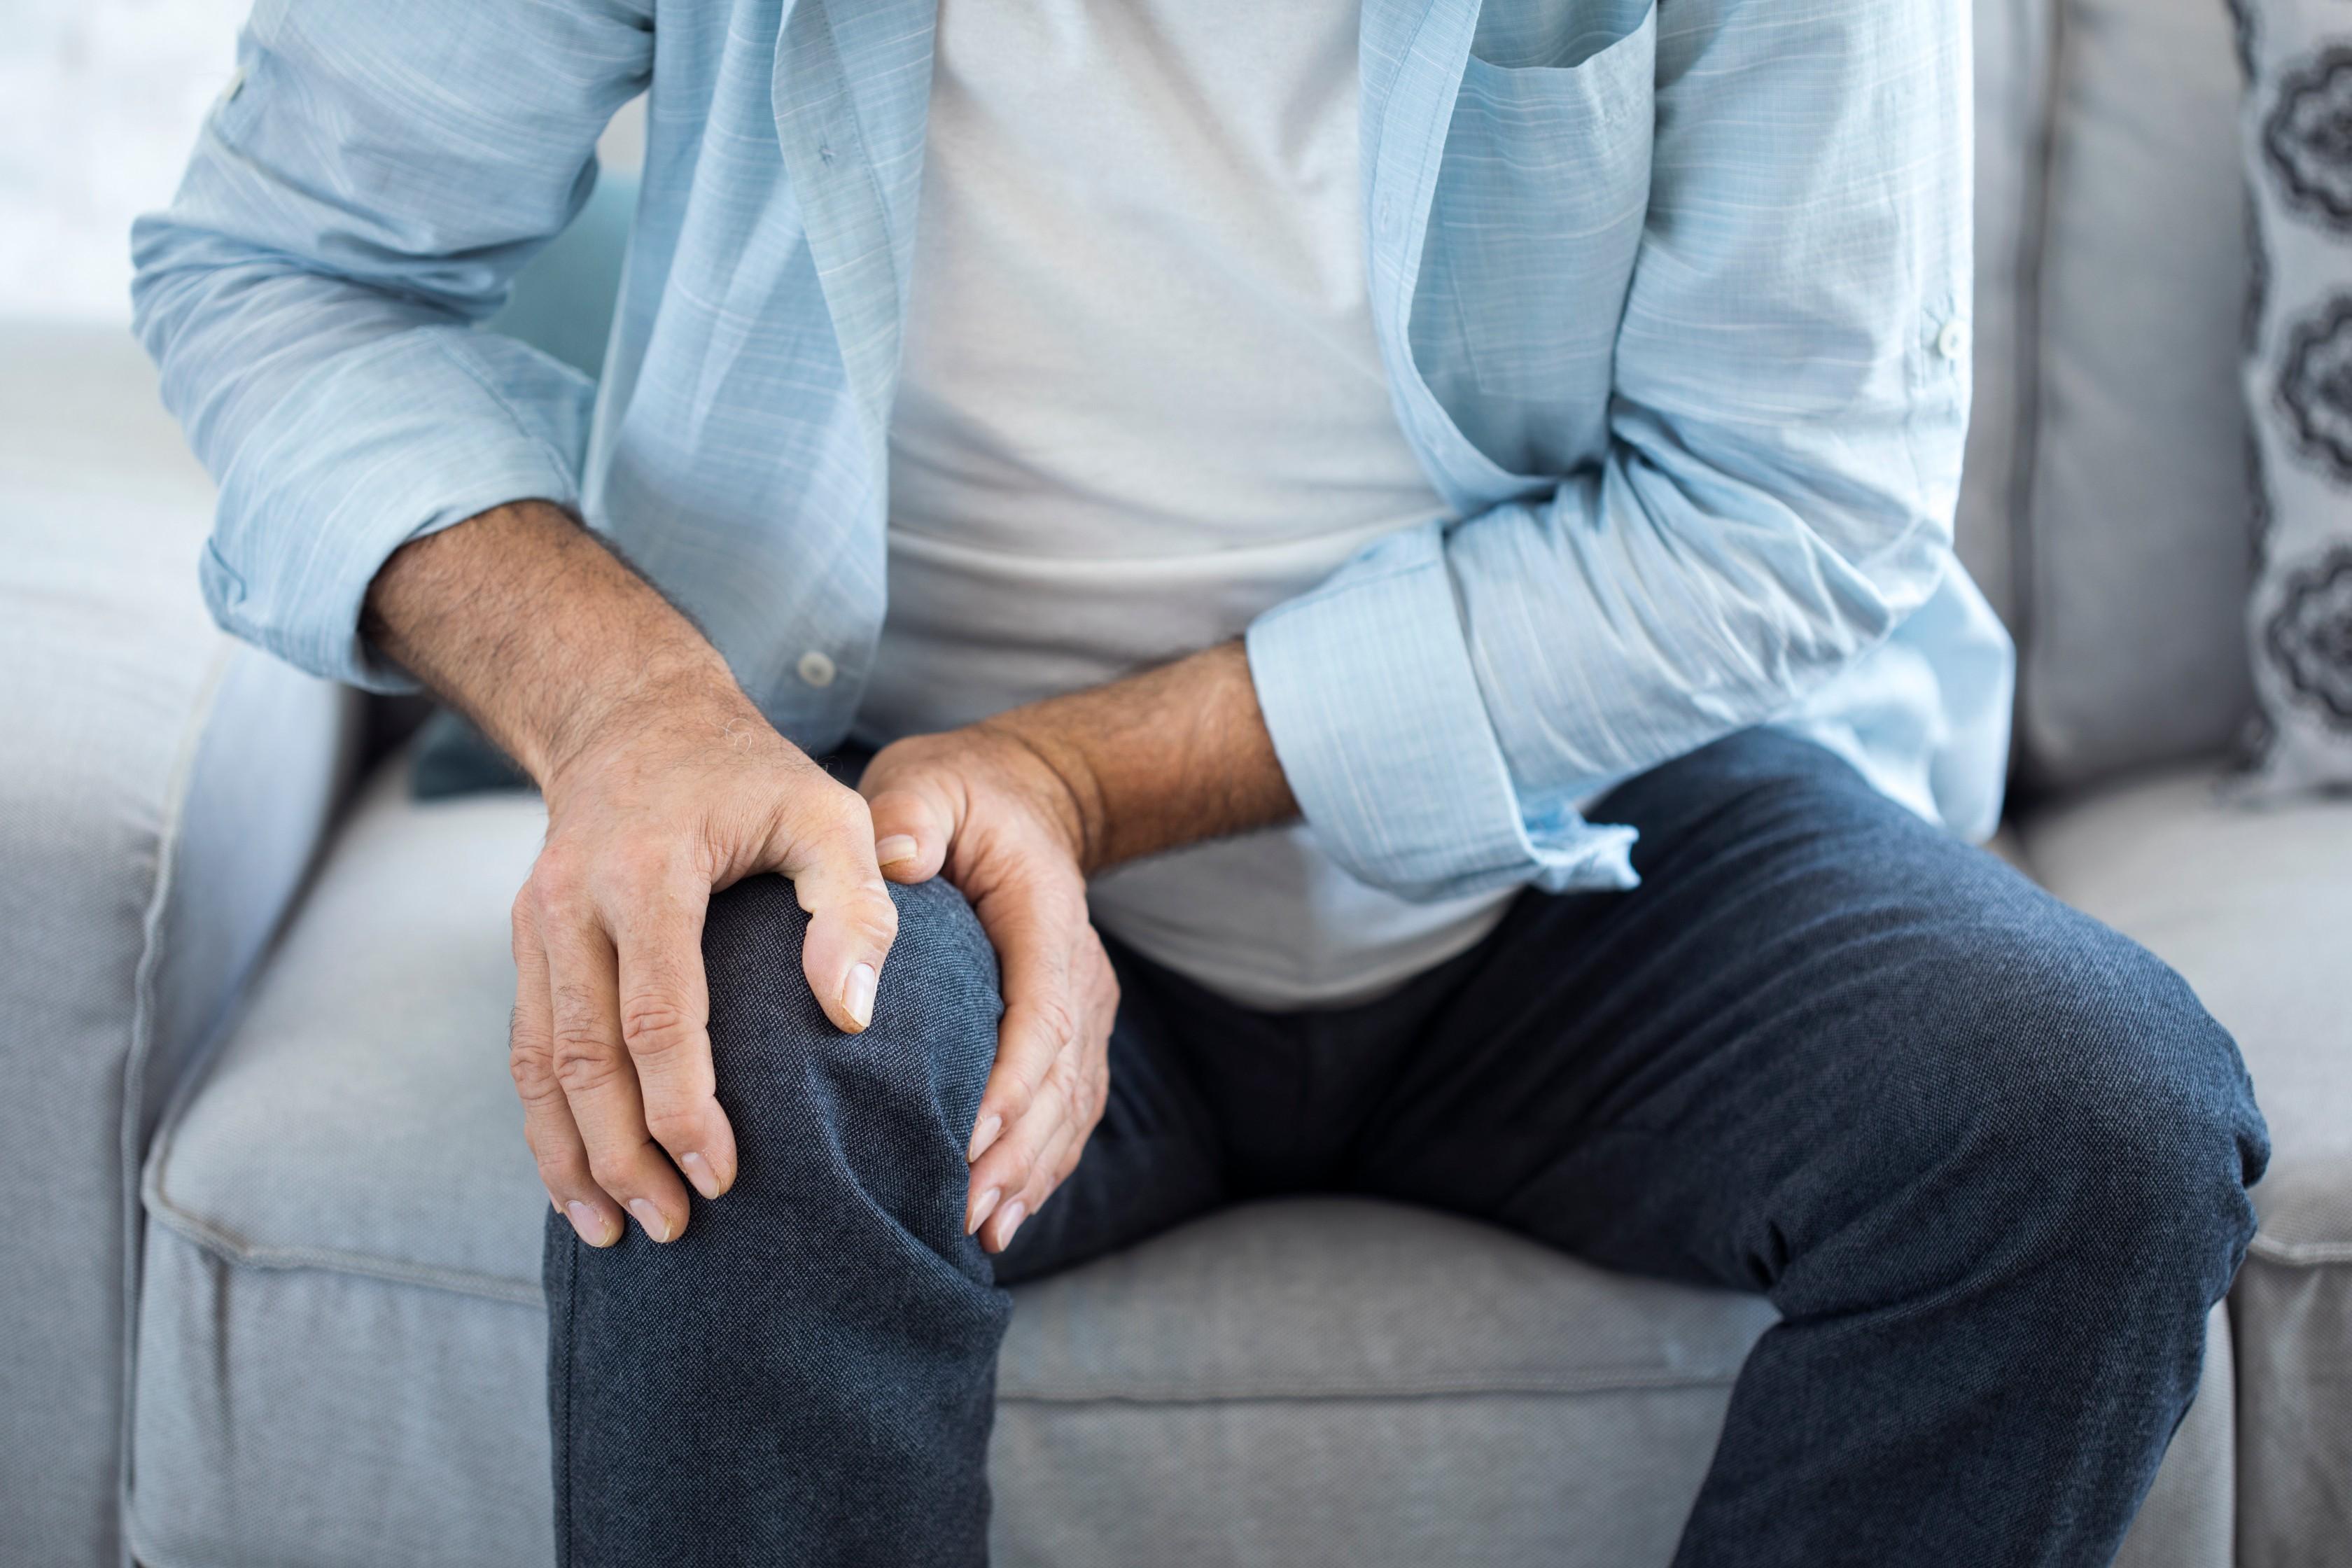 injekciók az ujjak ízületeinek fájdalmához fájdalom a csukló ízületének hajlításában